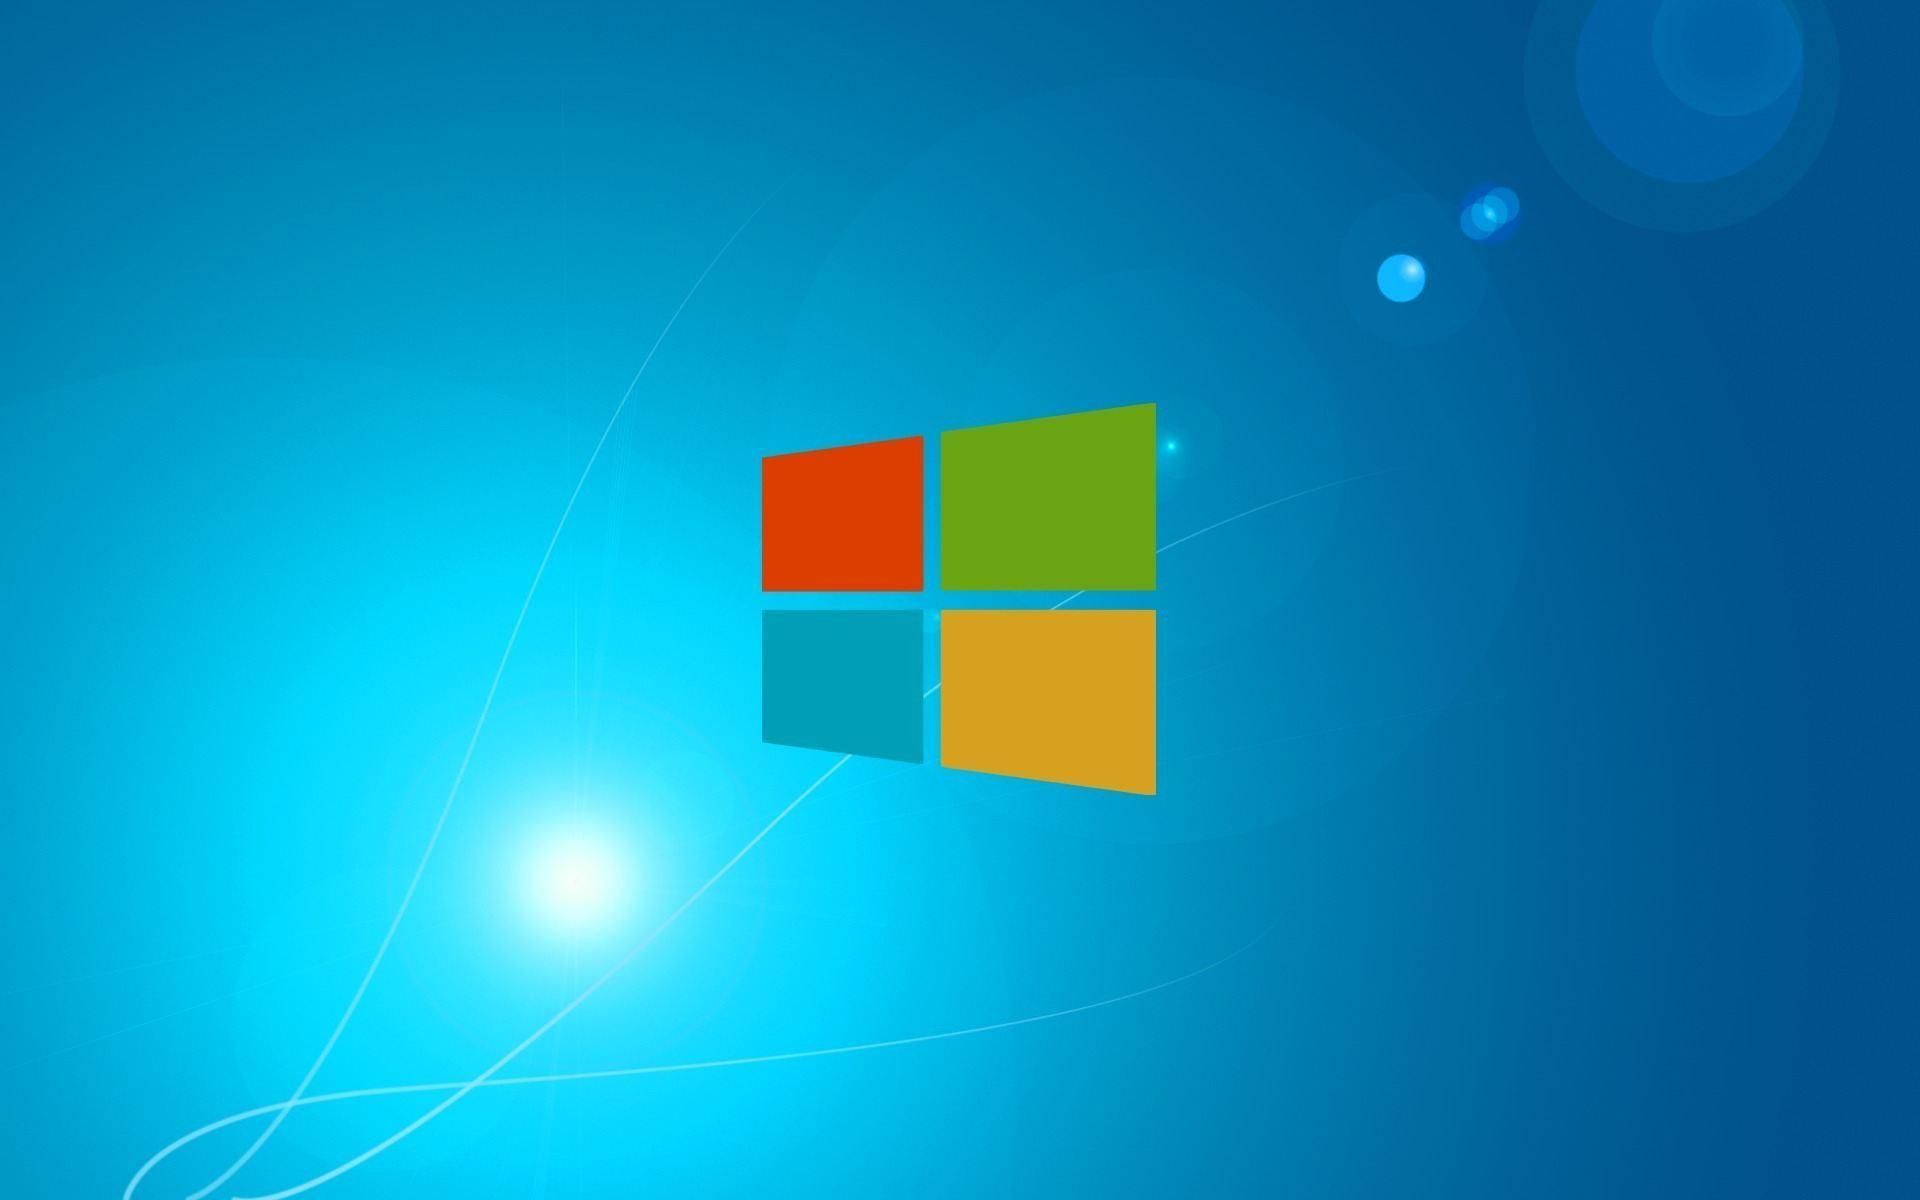 animated gif background windows 8 images